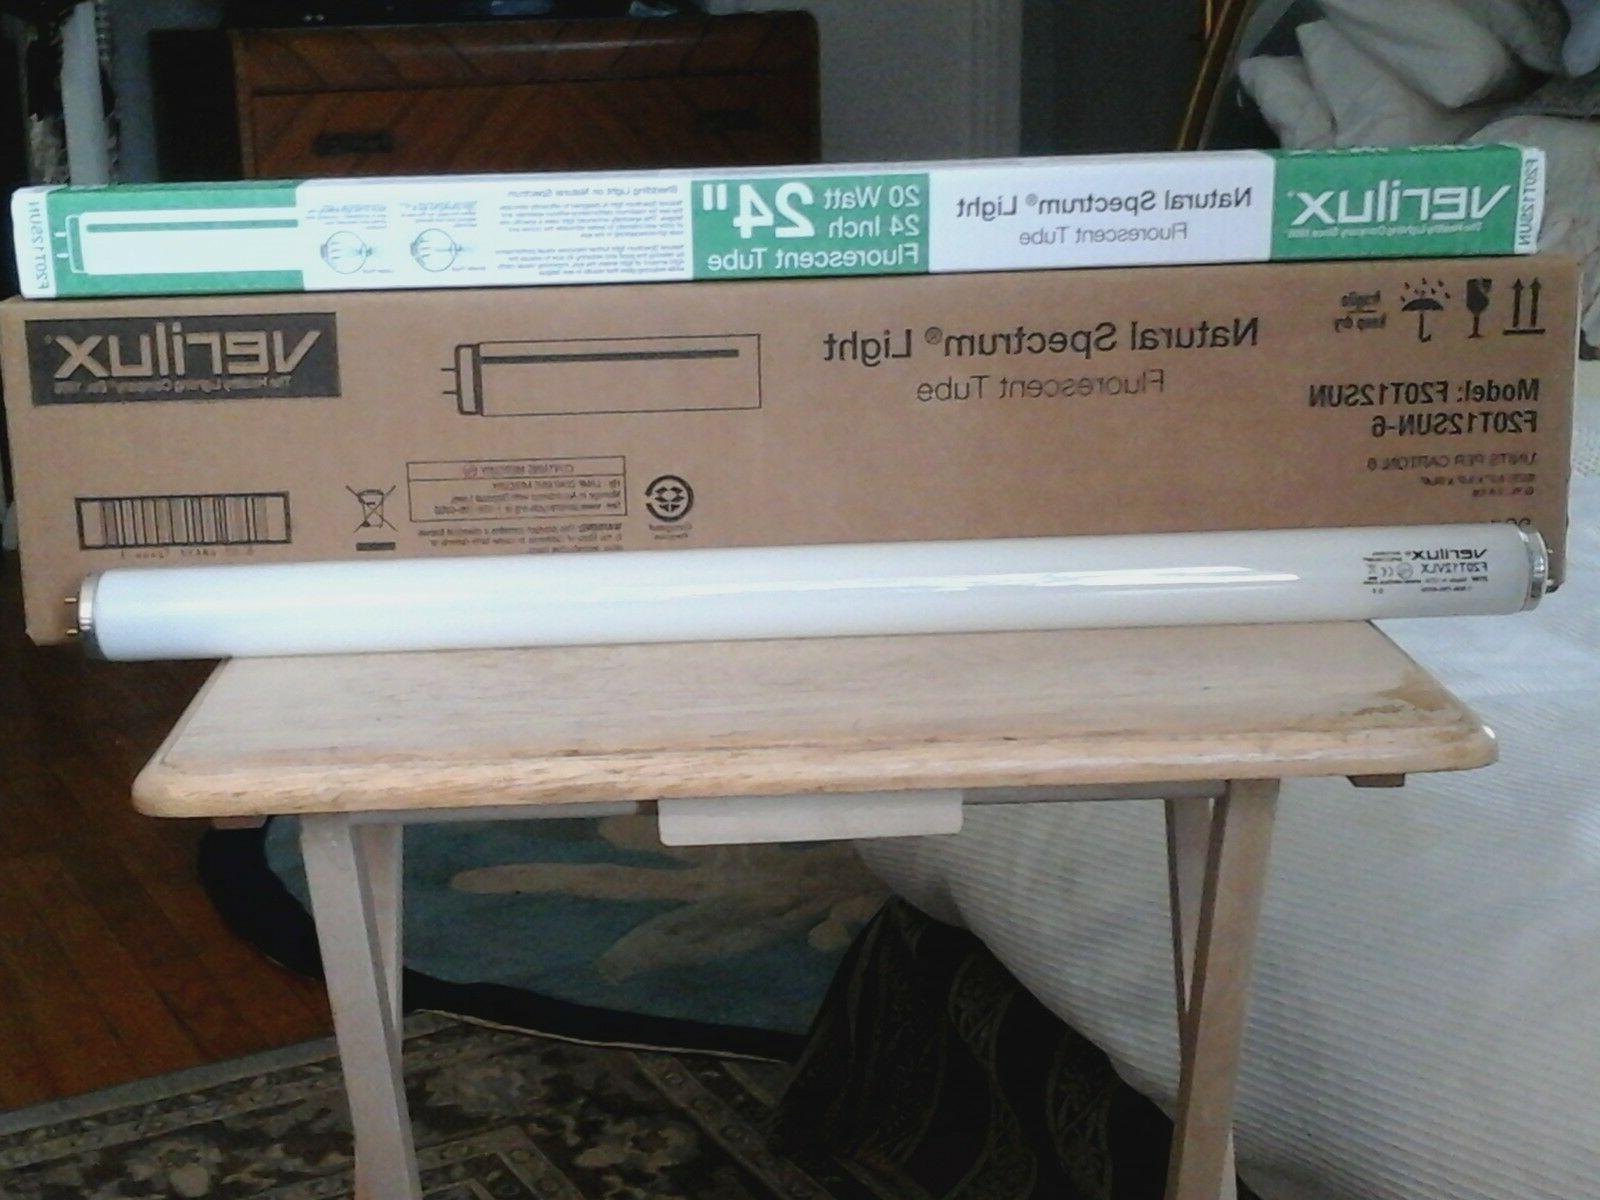 72 f20t12 sun fluorescent light bulbs low